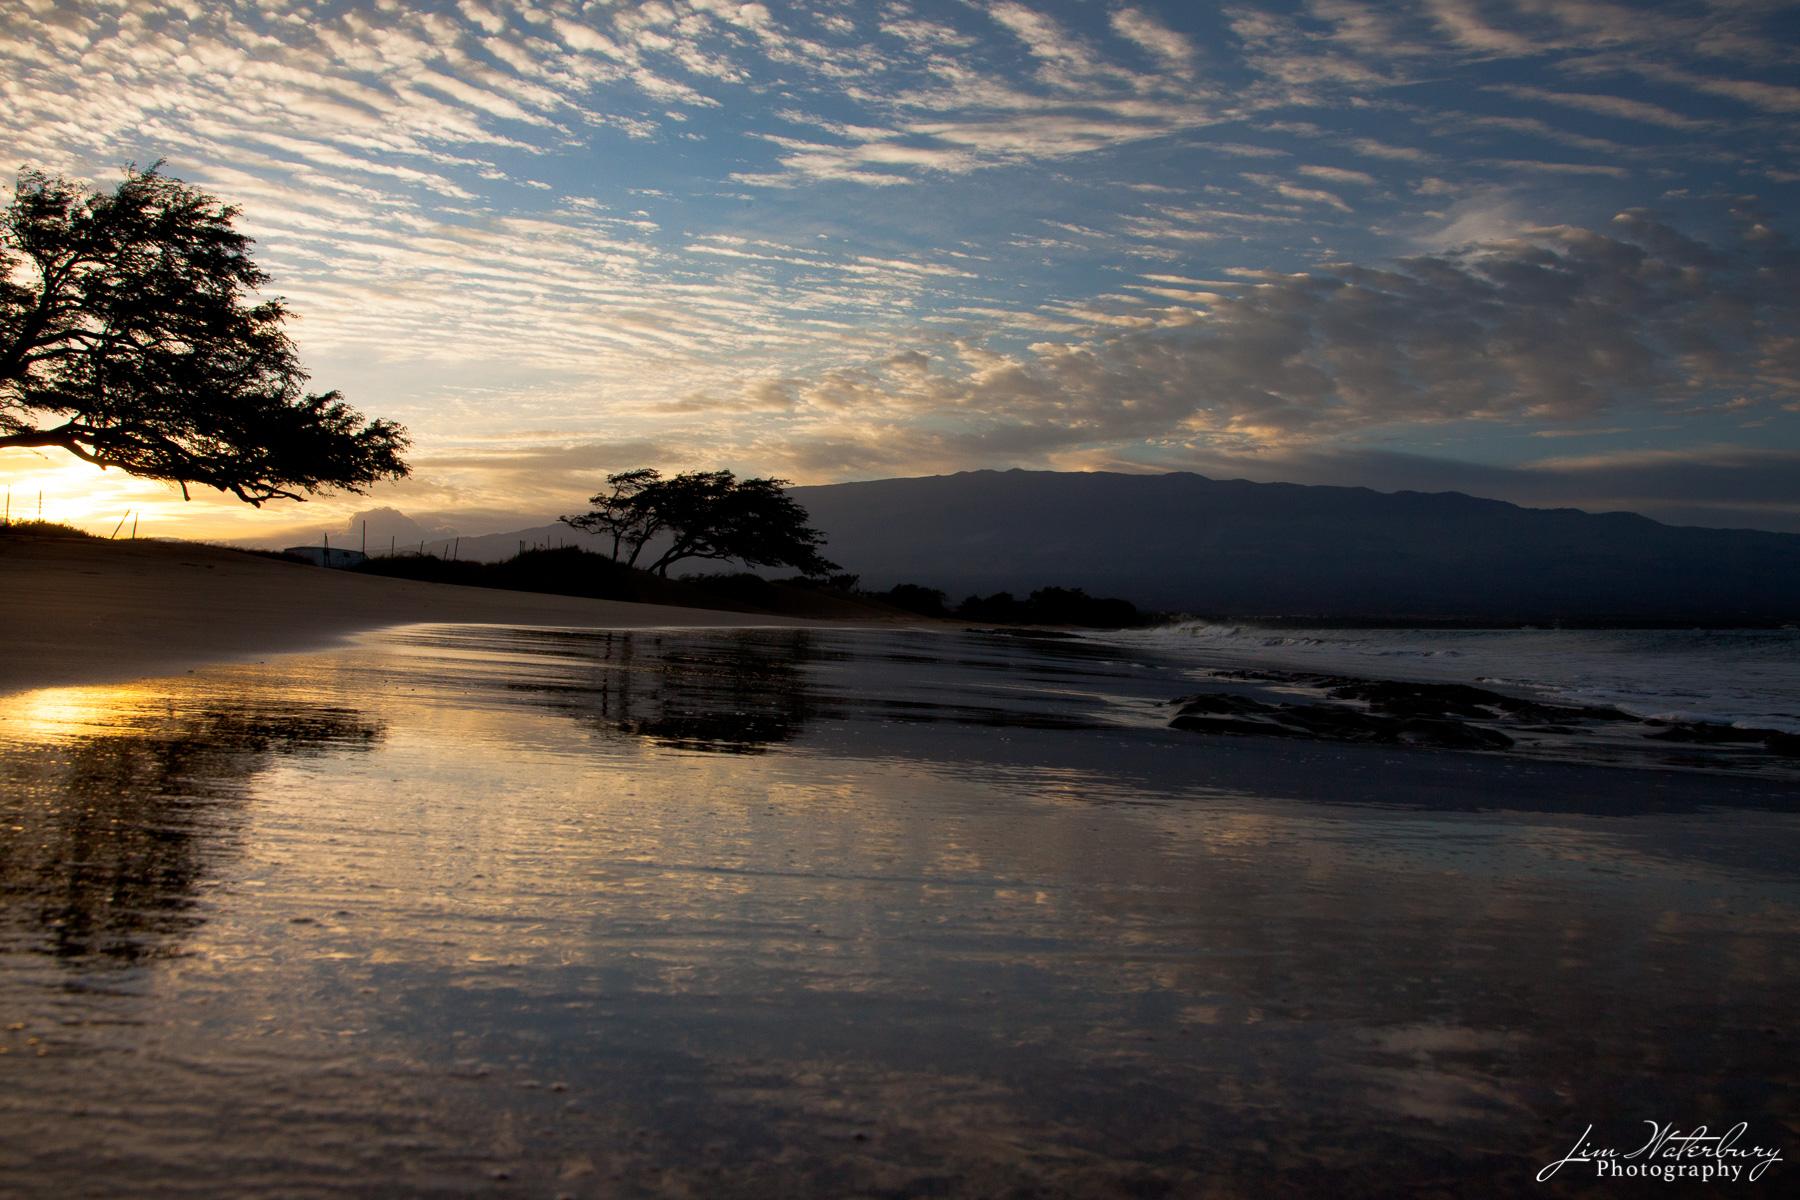 dawn, Maui, sunrise, bay, photo